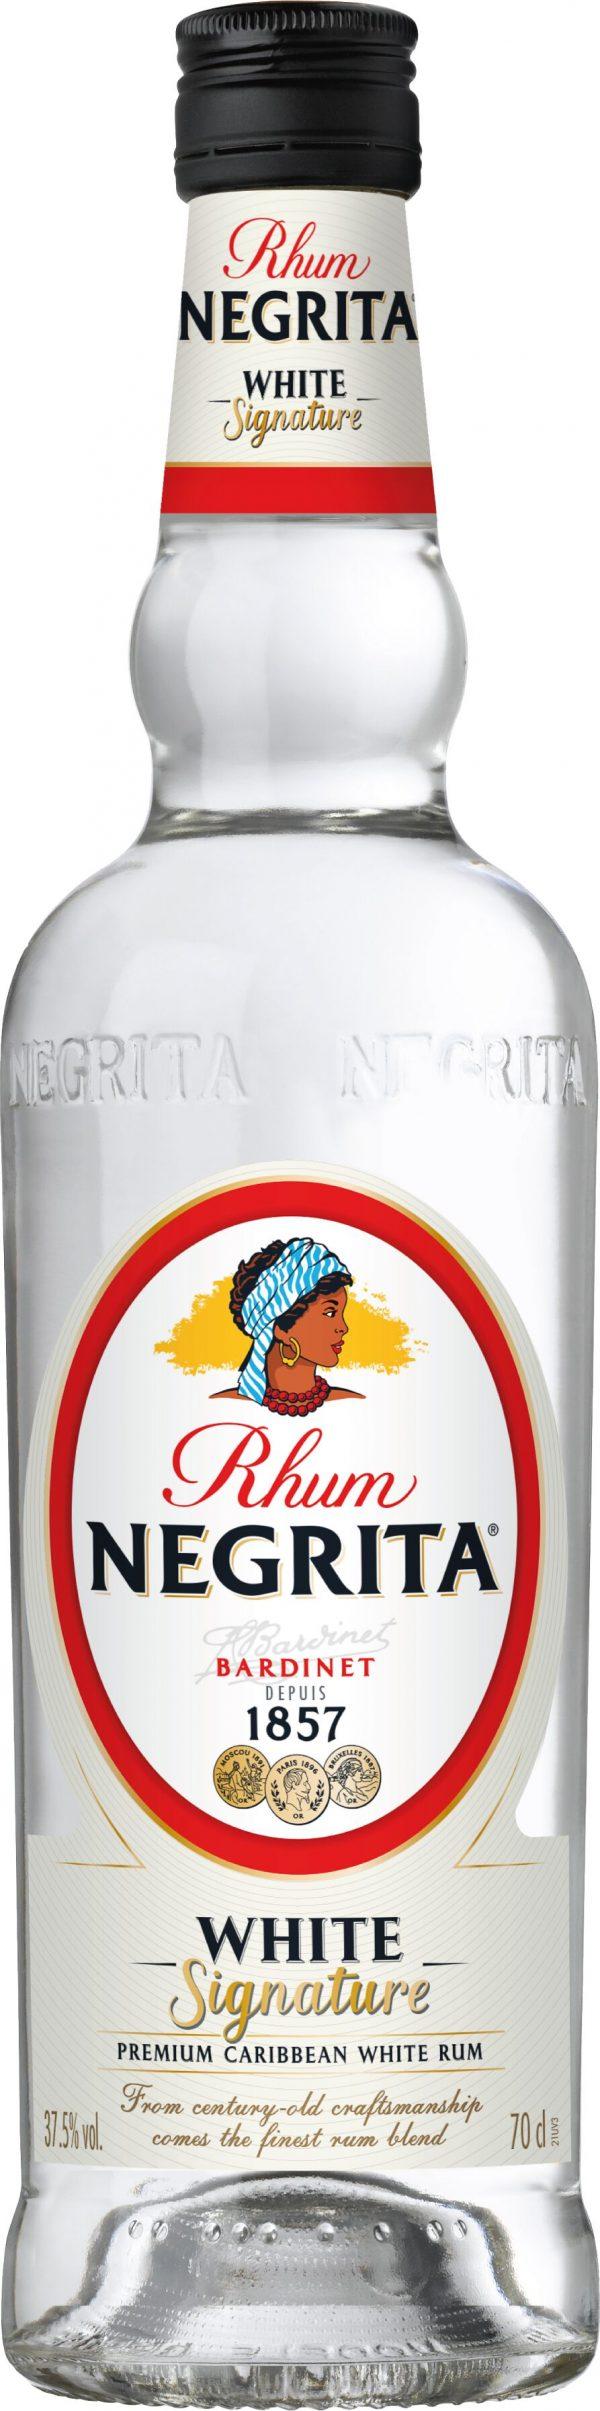 Rhum Negrita White Signature 70cl